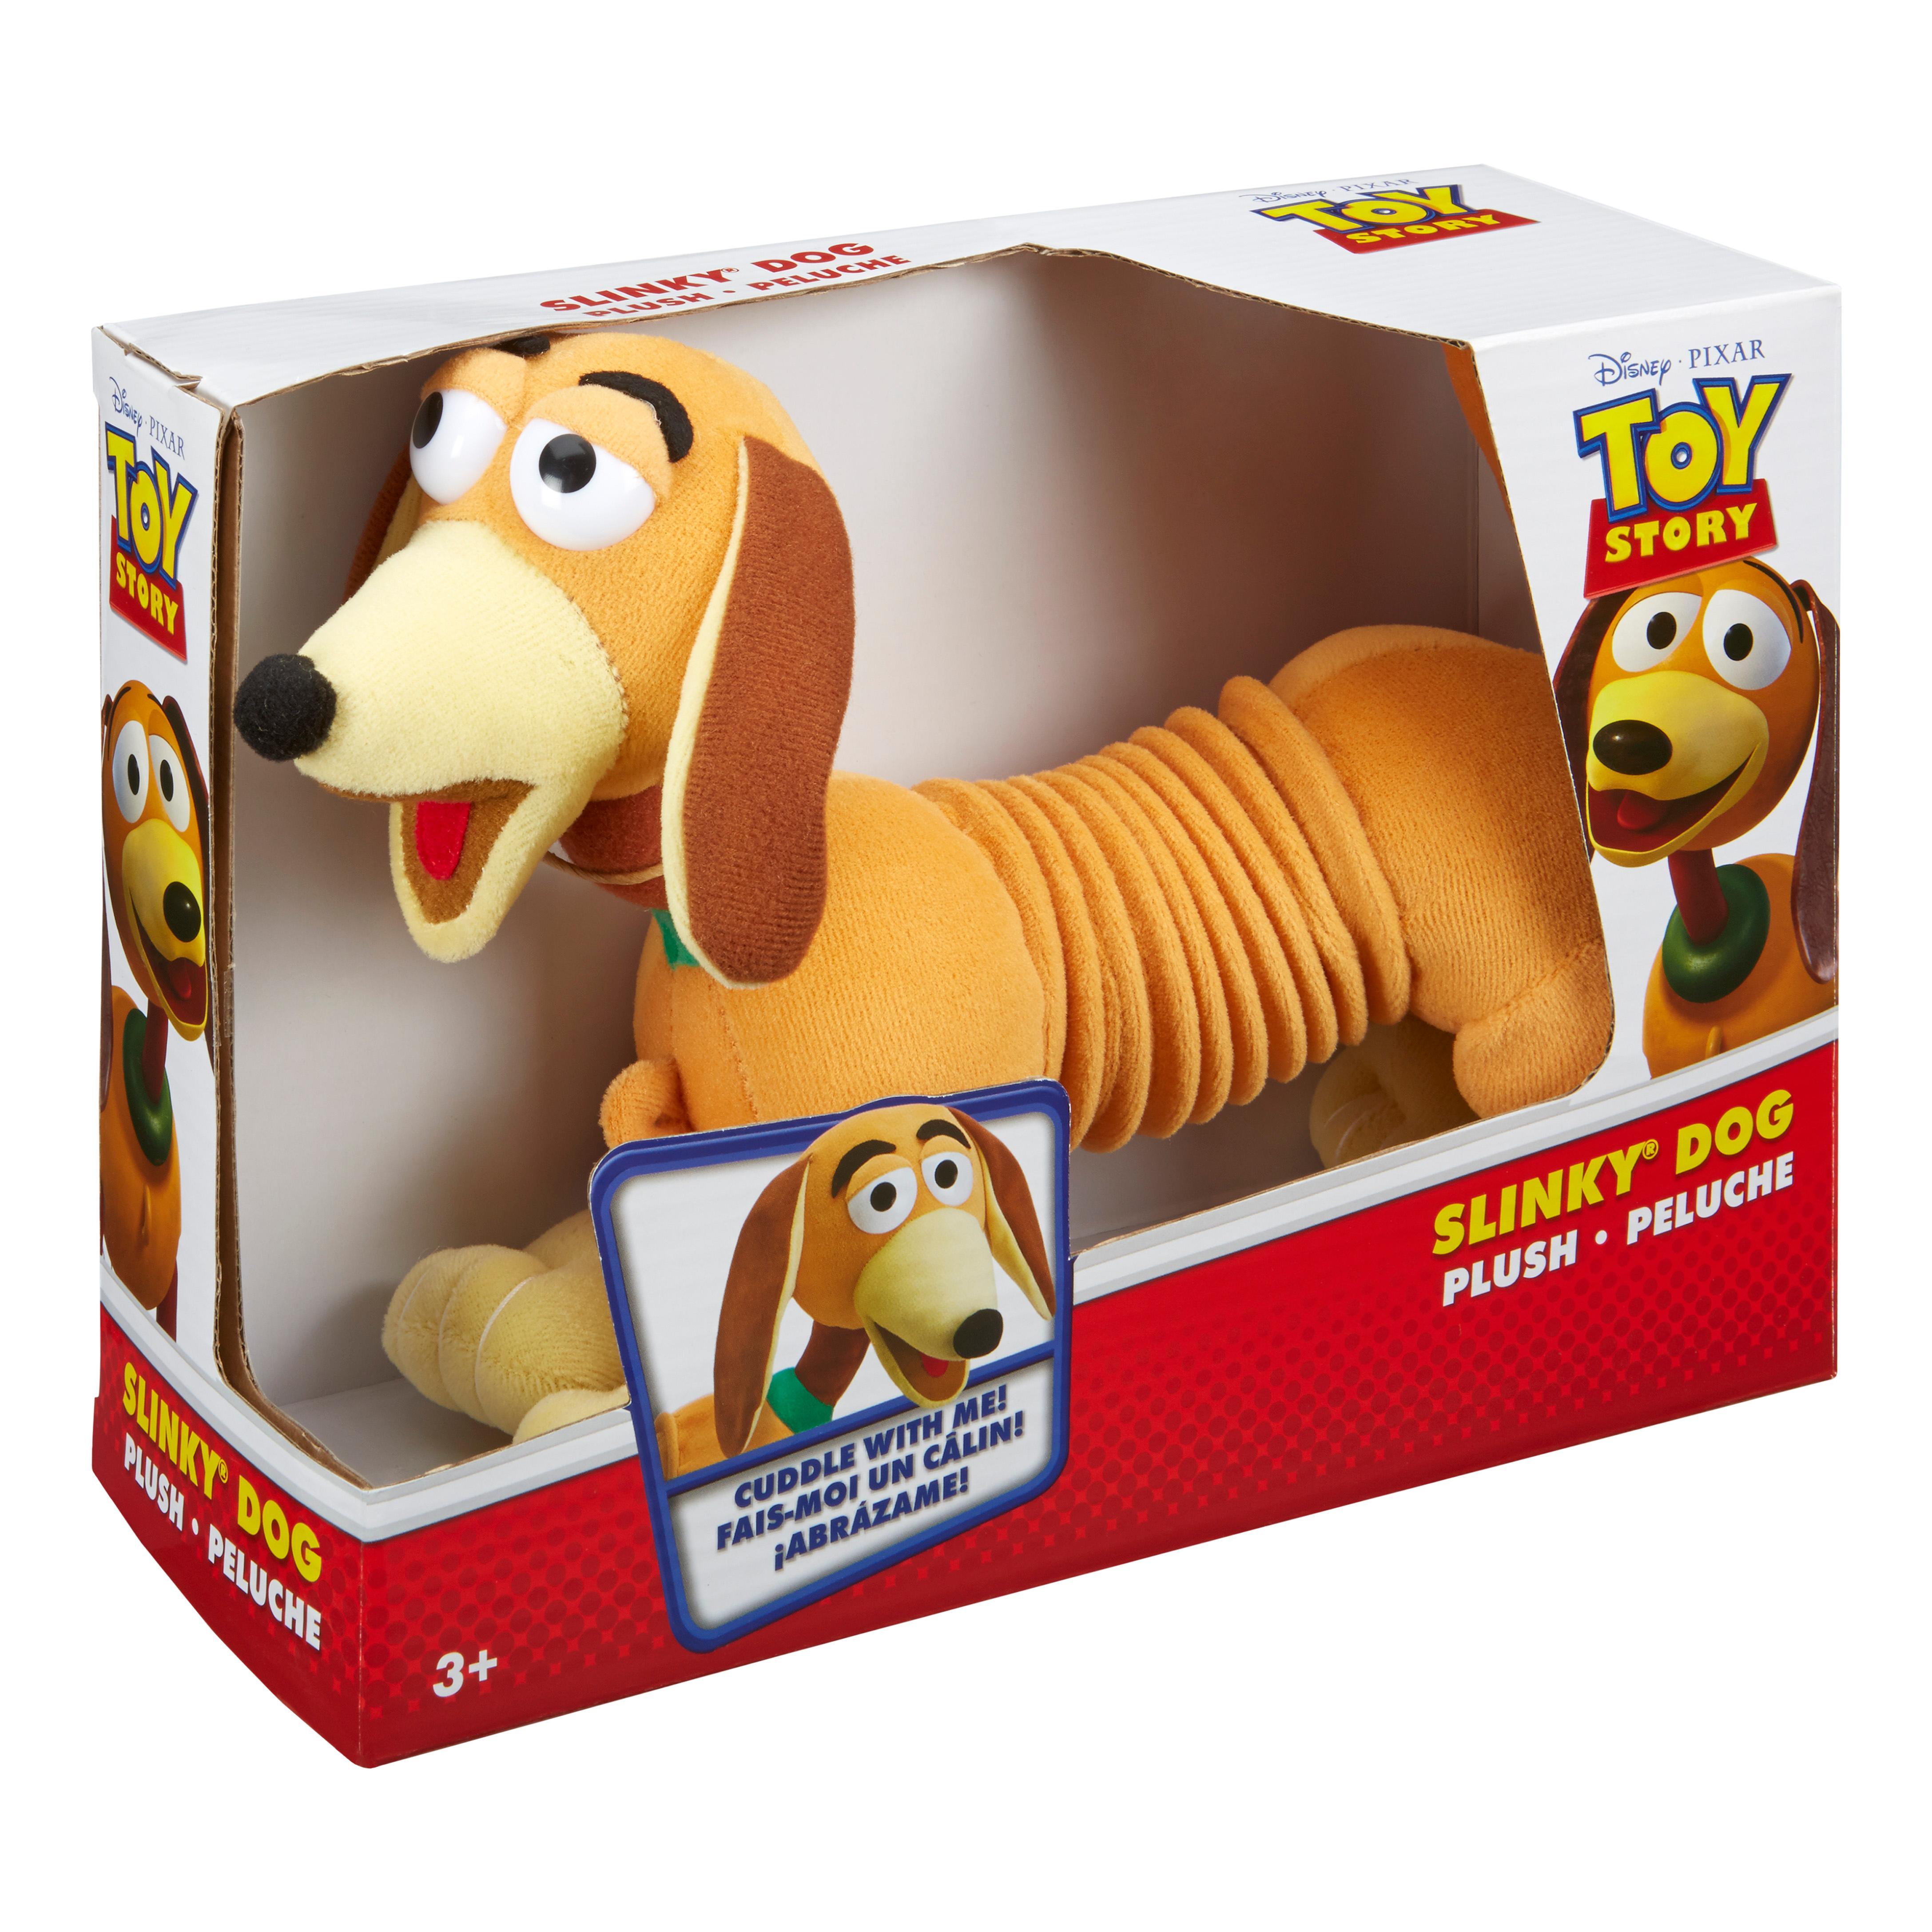 Plush Dog Toys Amazon